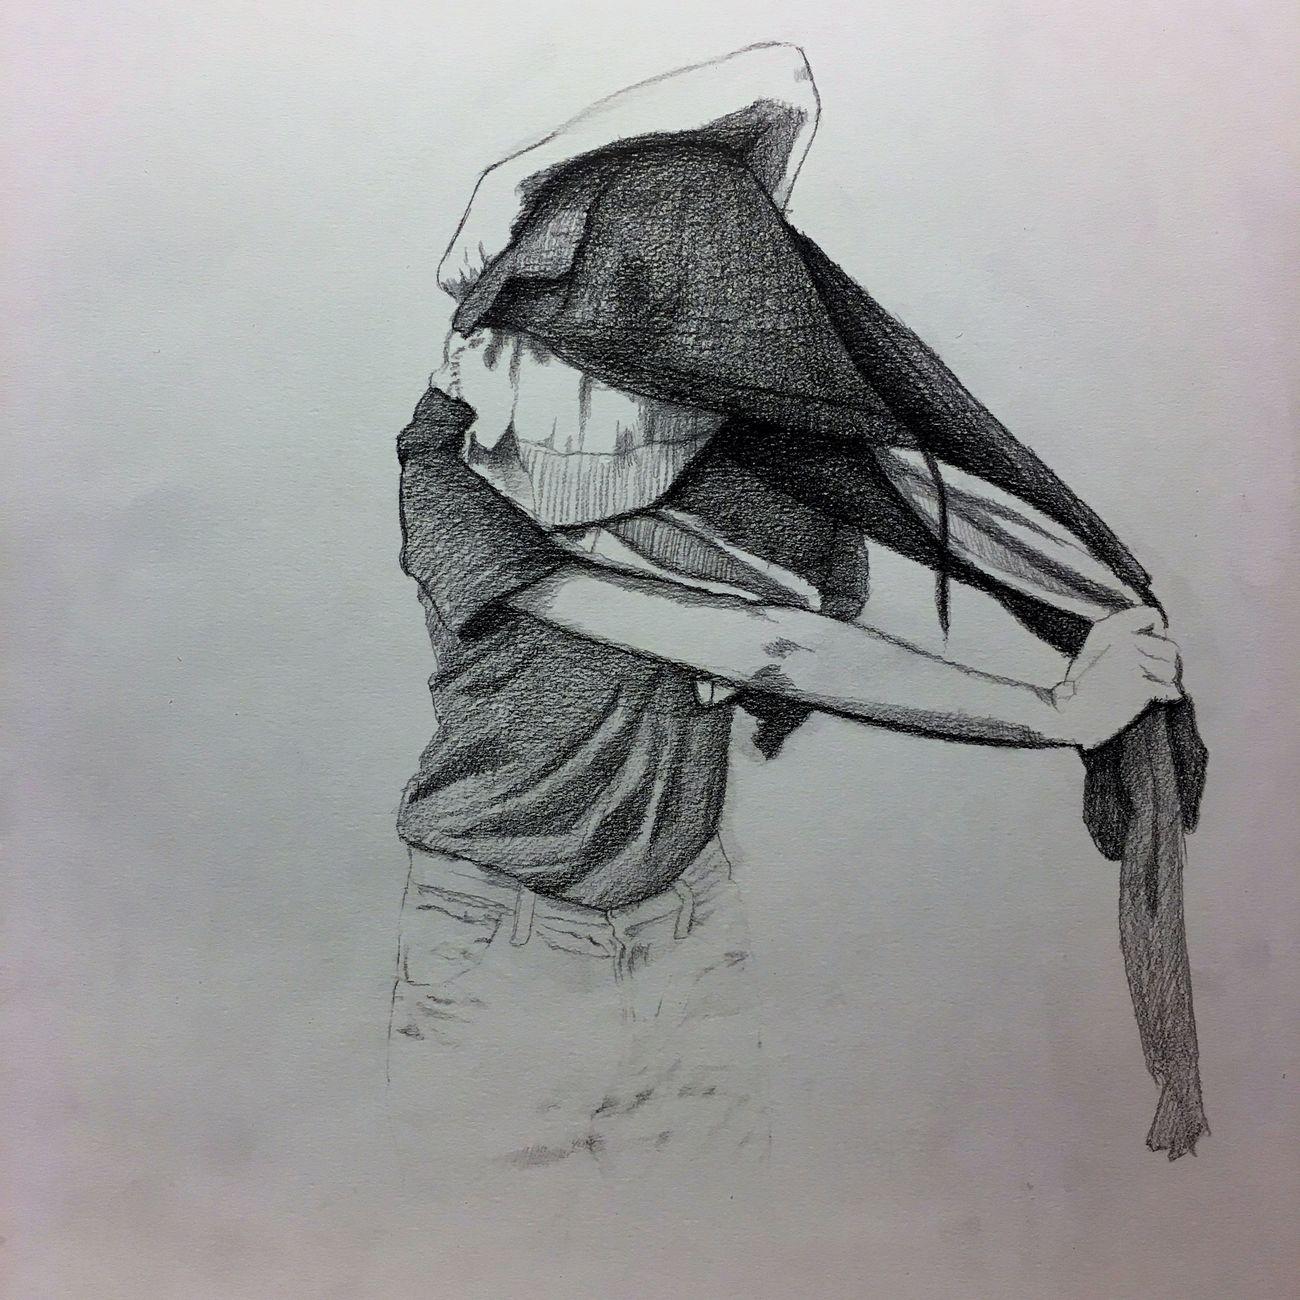 Vincenzo Ferrara, Maglie, 2019. 42x33, matita su carta